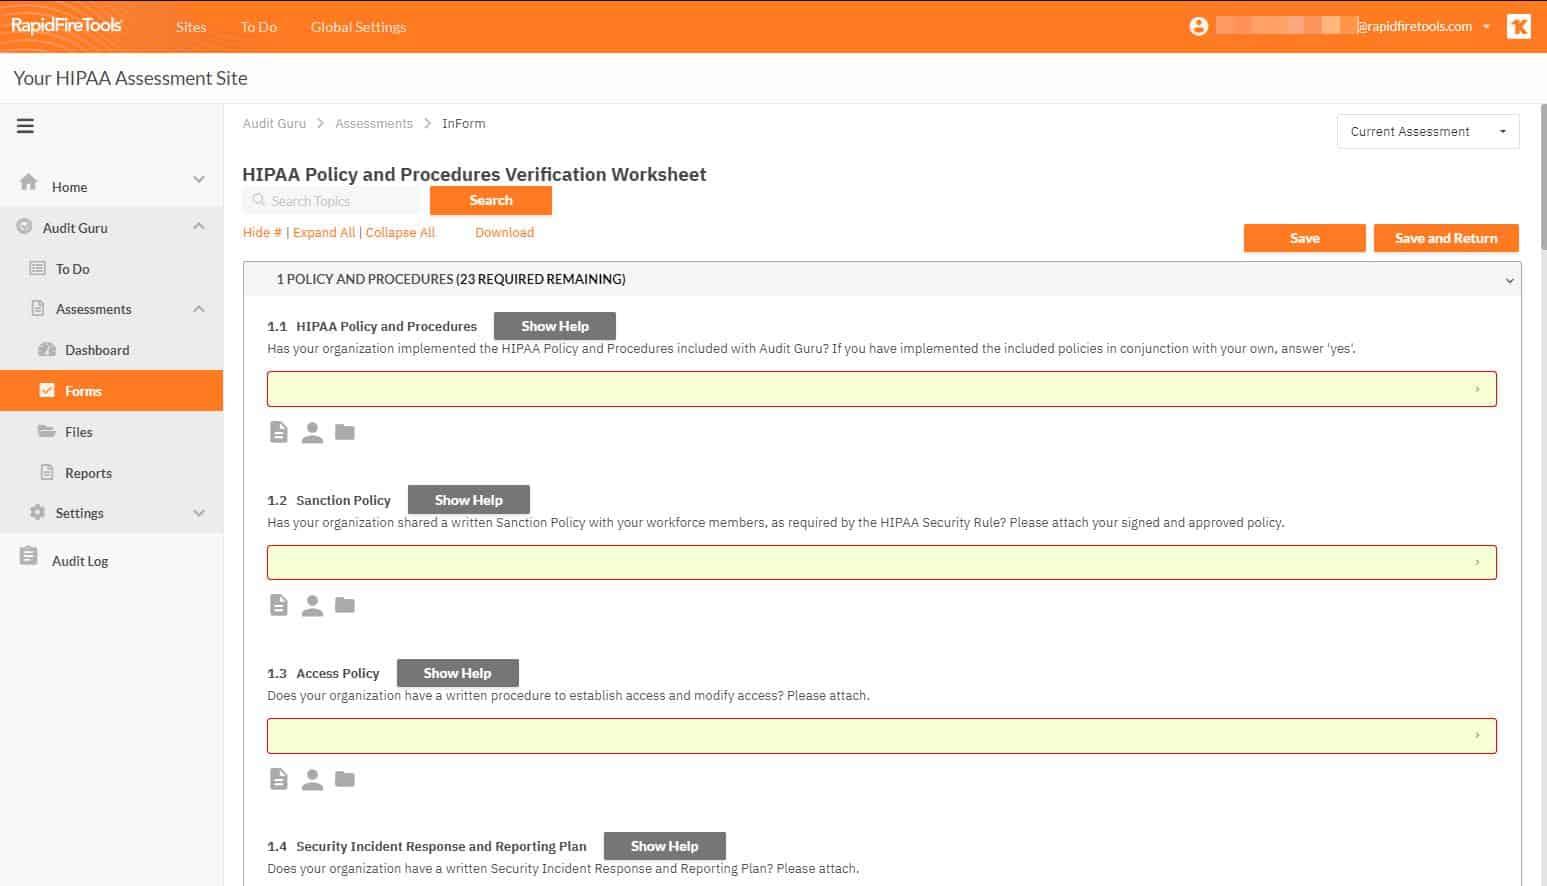 RapidFireTools HIPAA Assesment Site screenshot